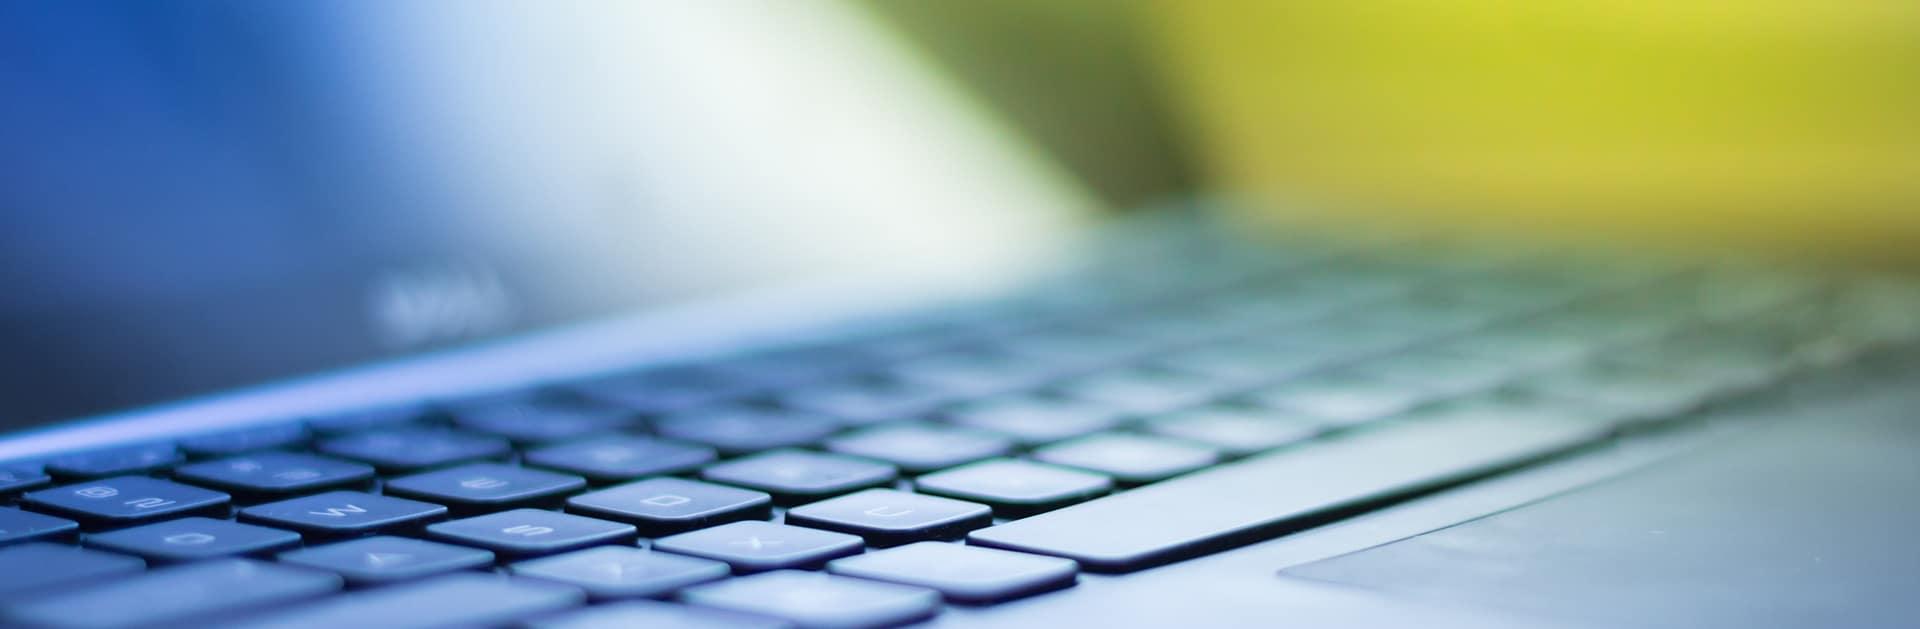 Toetsenbord van een laptop met software